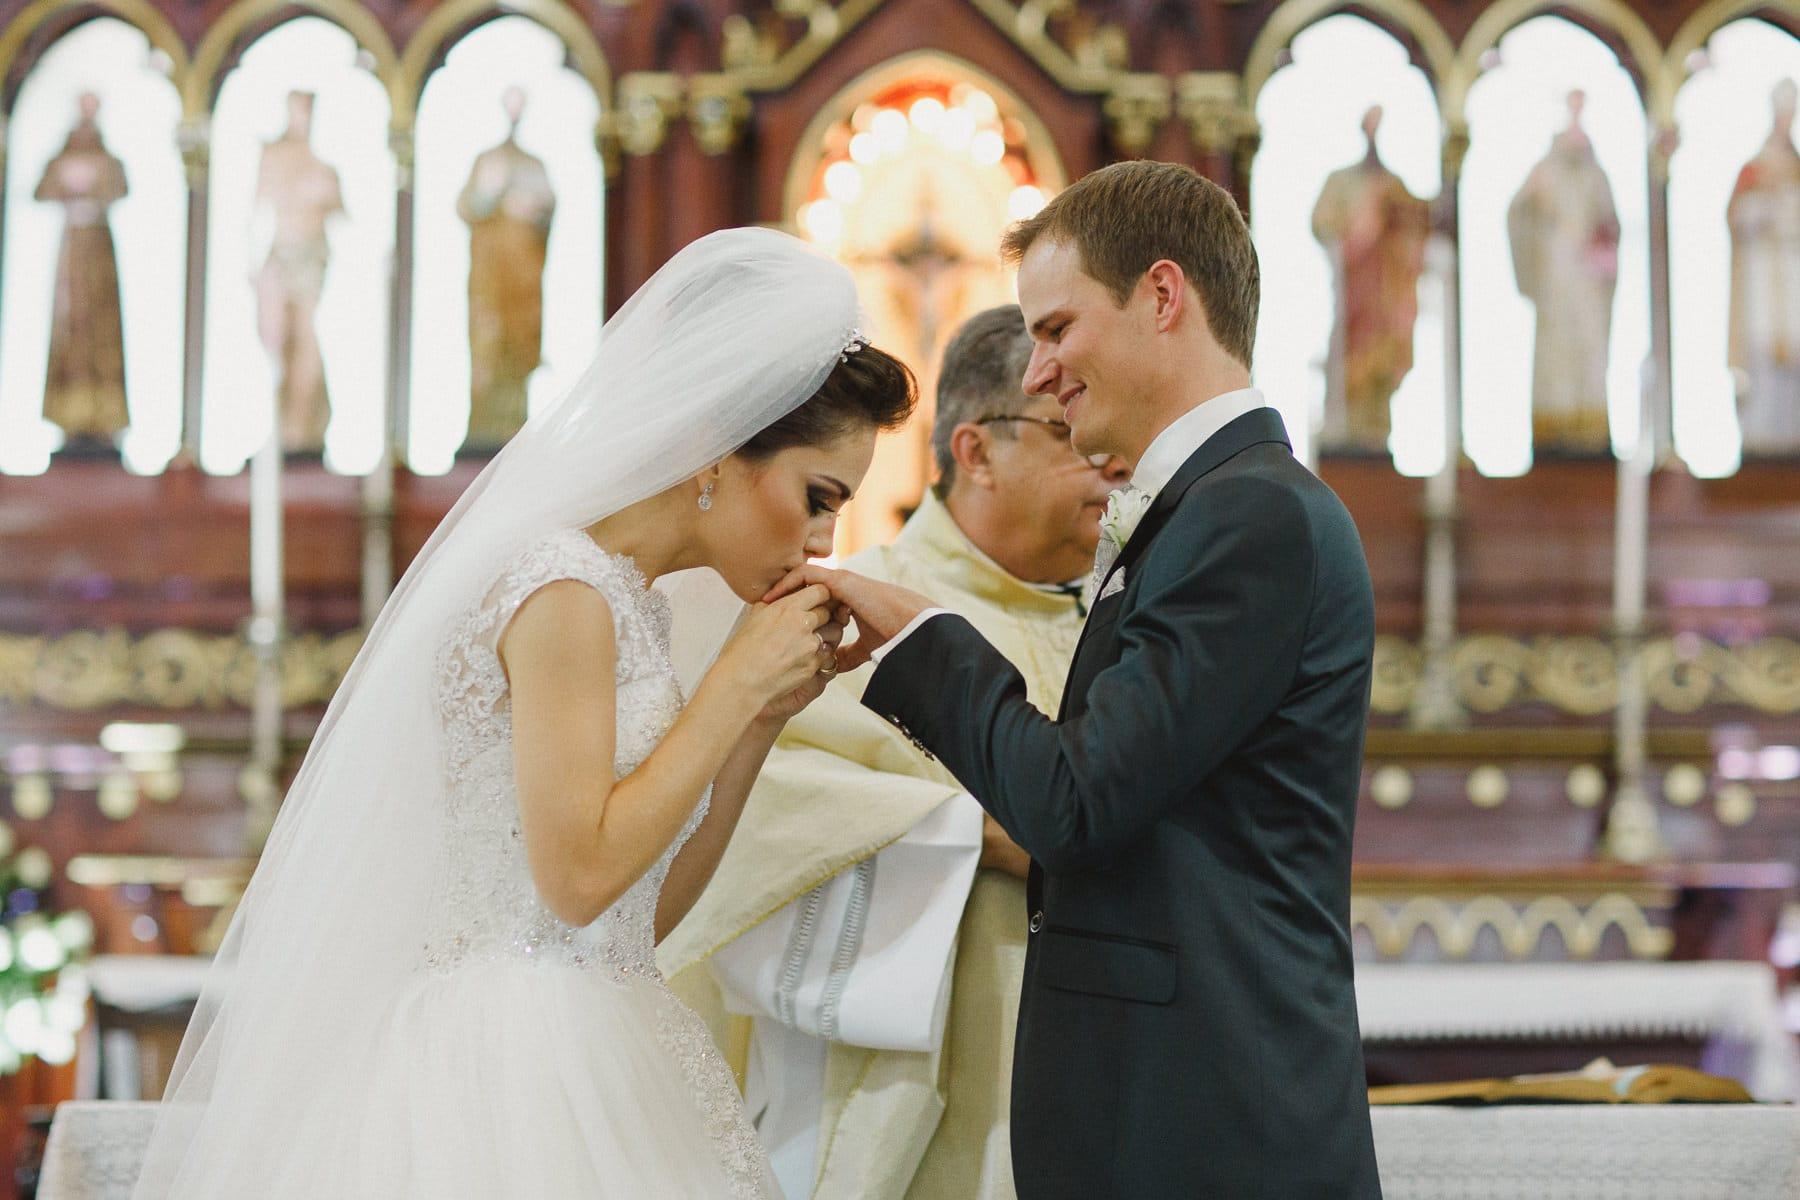 casamento-igreja-do-pequeno-grande-34